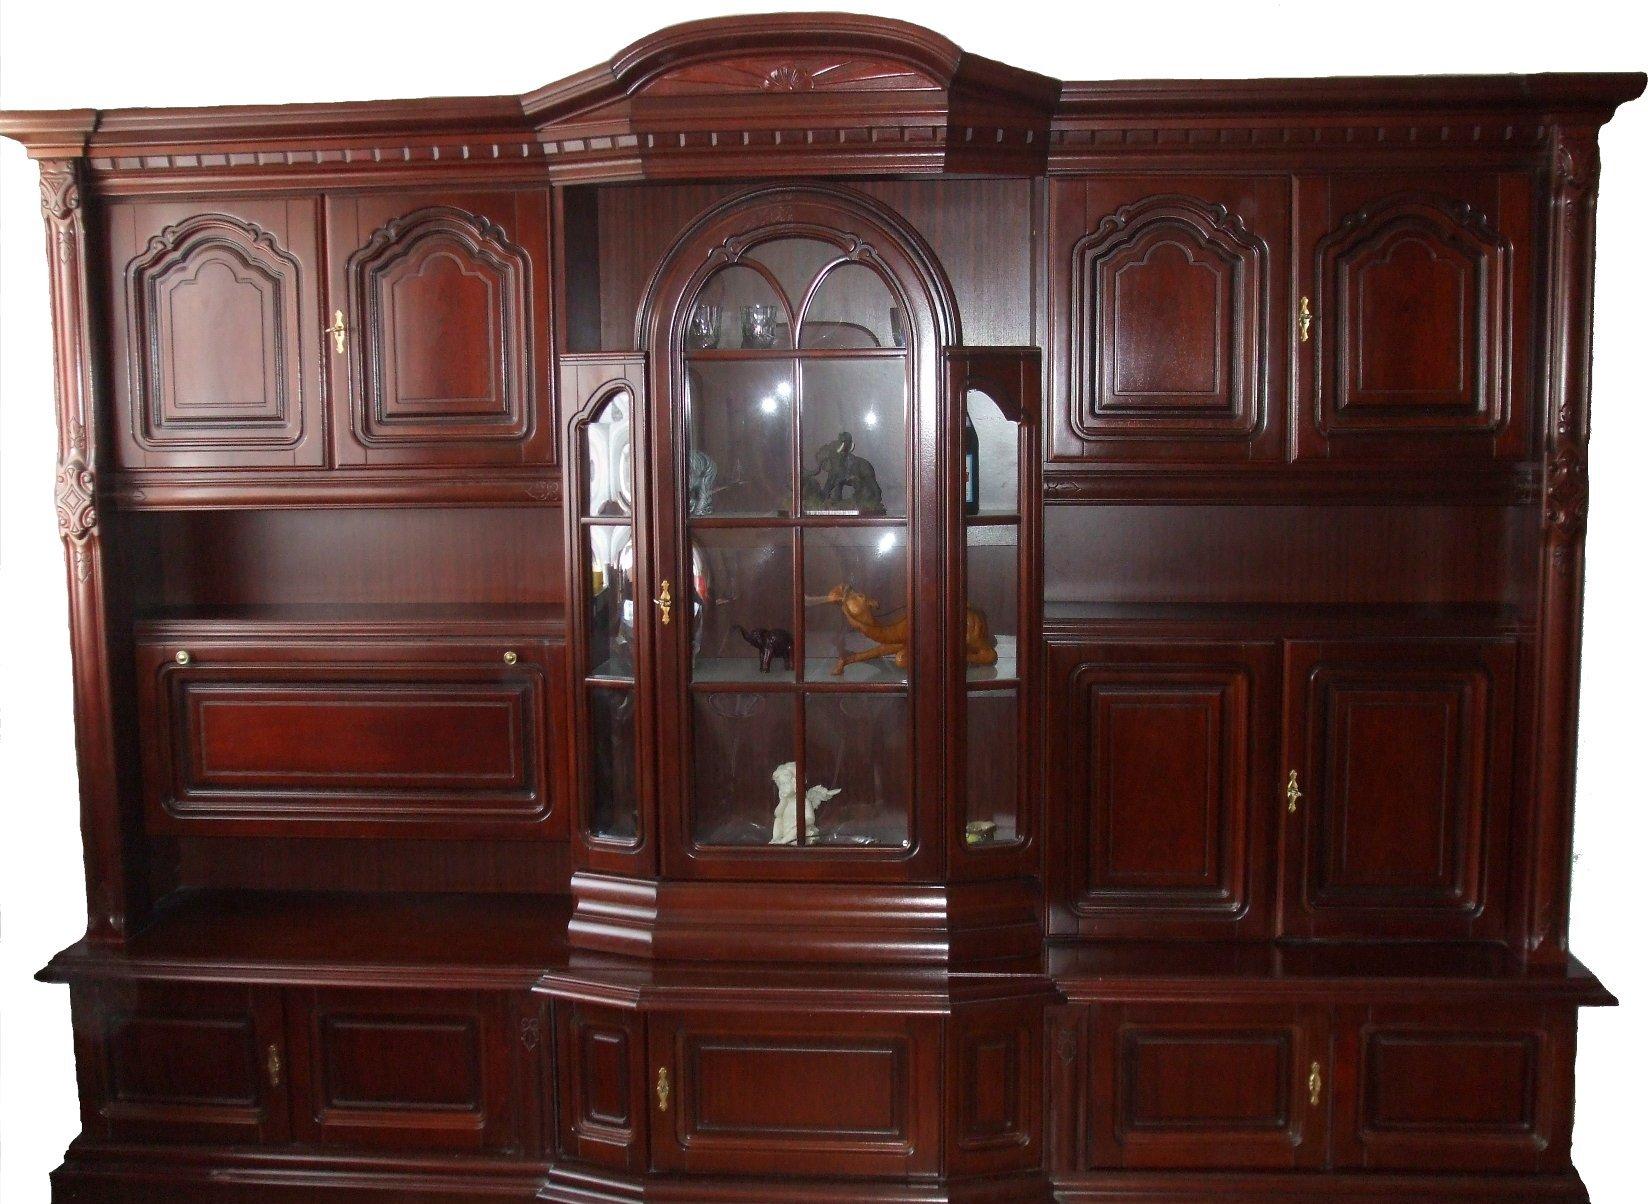 schrankwand kleinanzeigen schrankwand anzeigenmarkt schrankwand marktplatz schrankwand. Black Bedroom Furniture Sets. Home Design Ideas